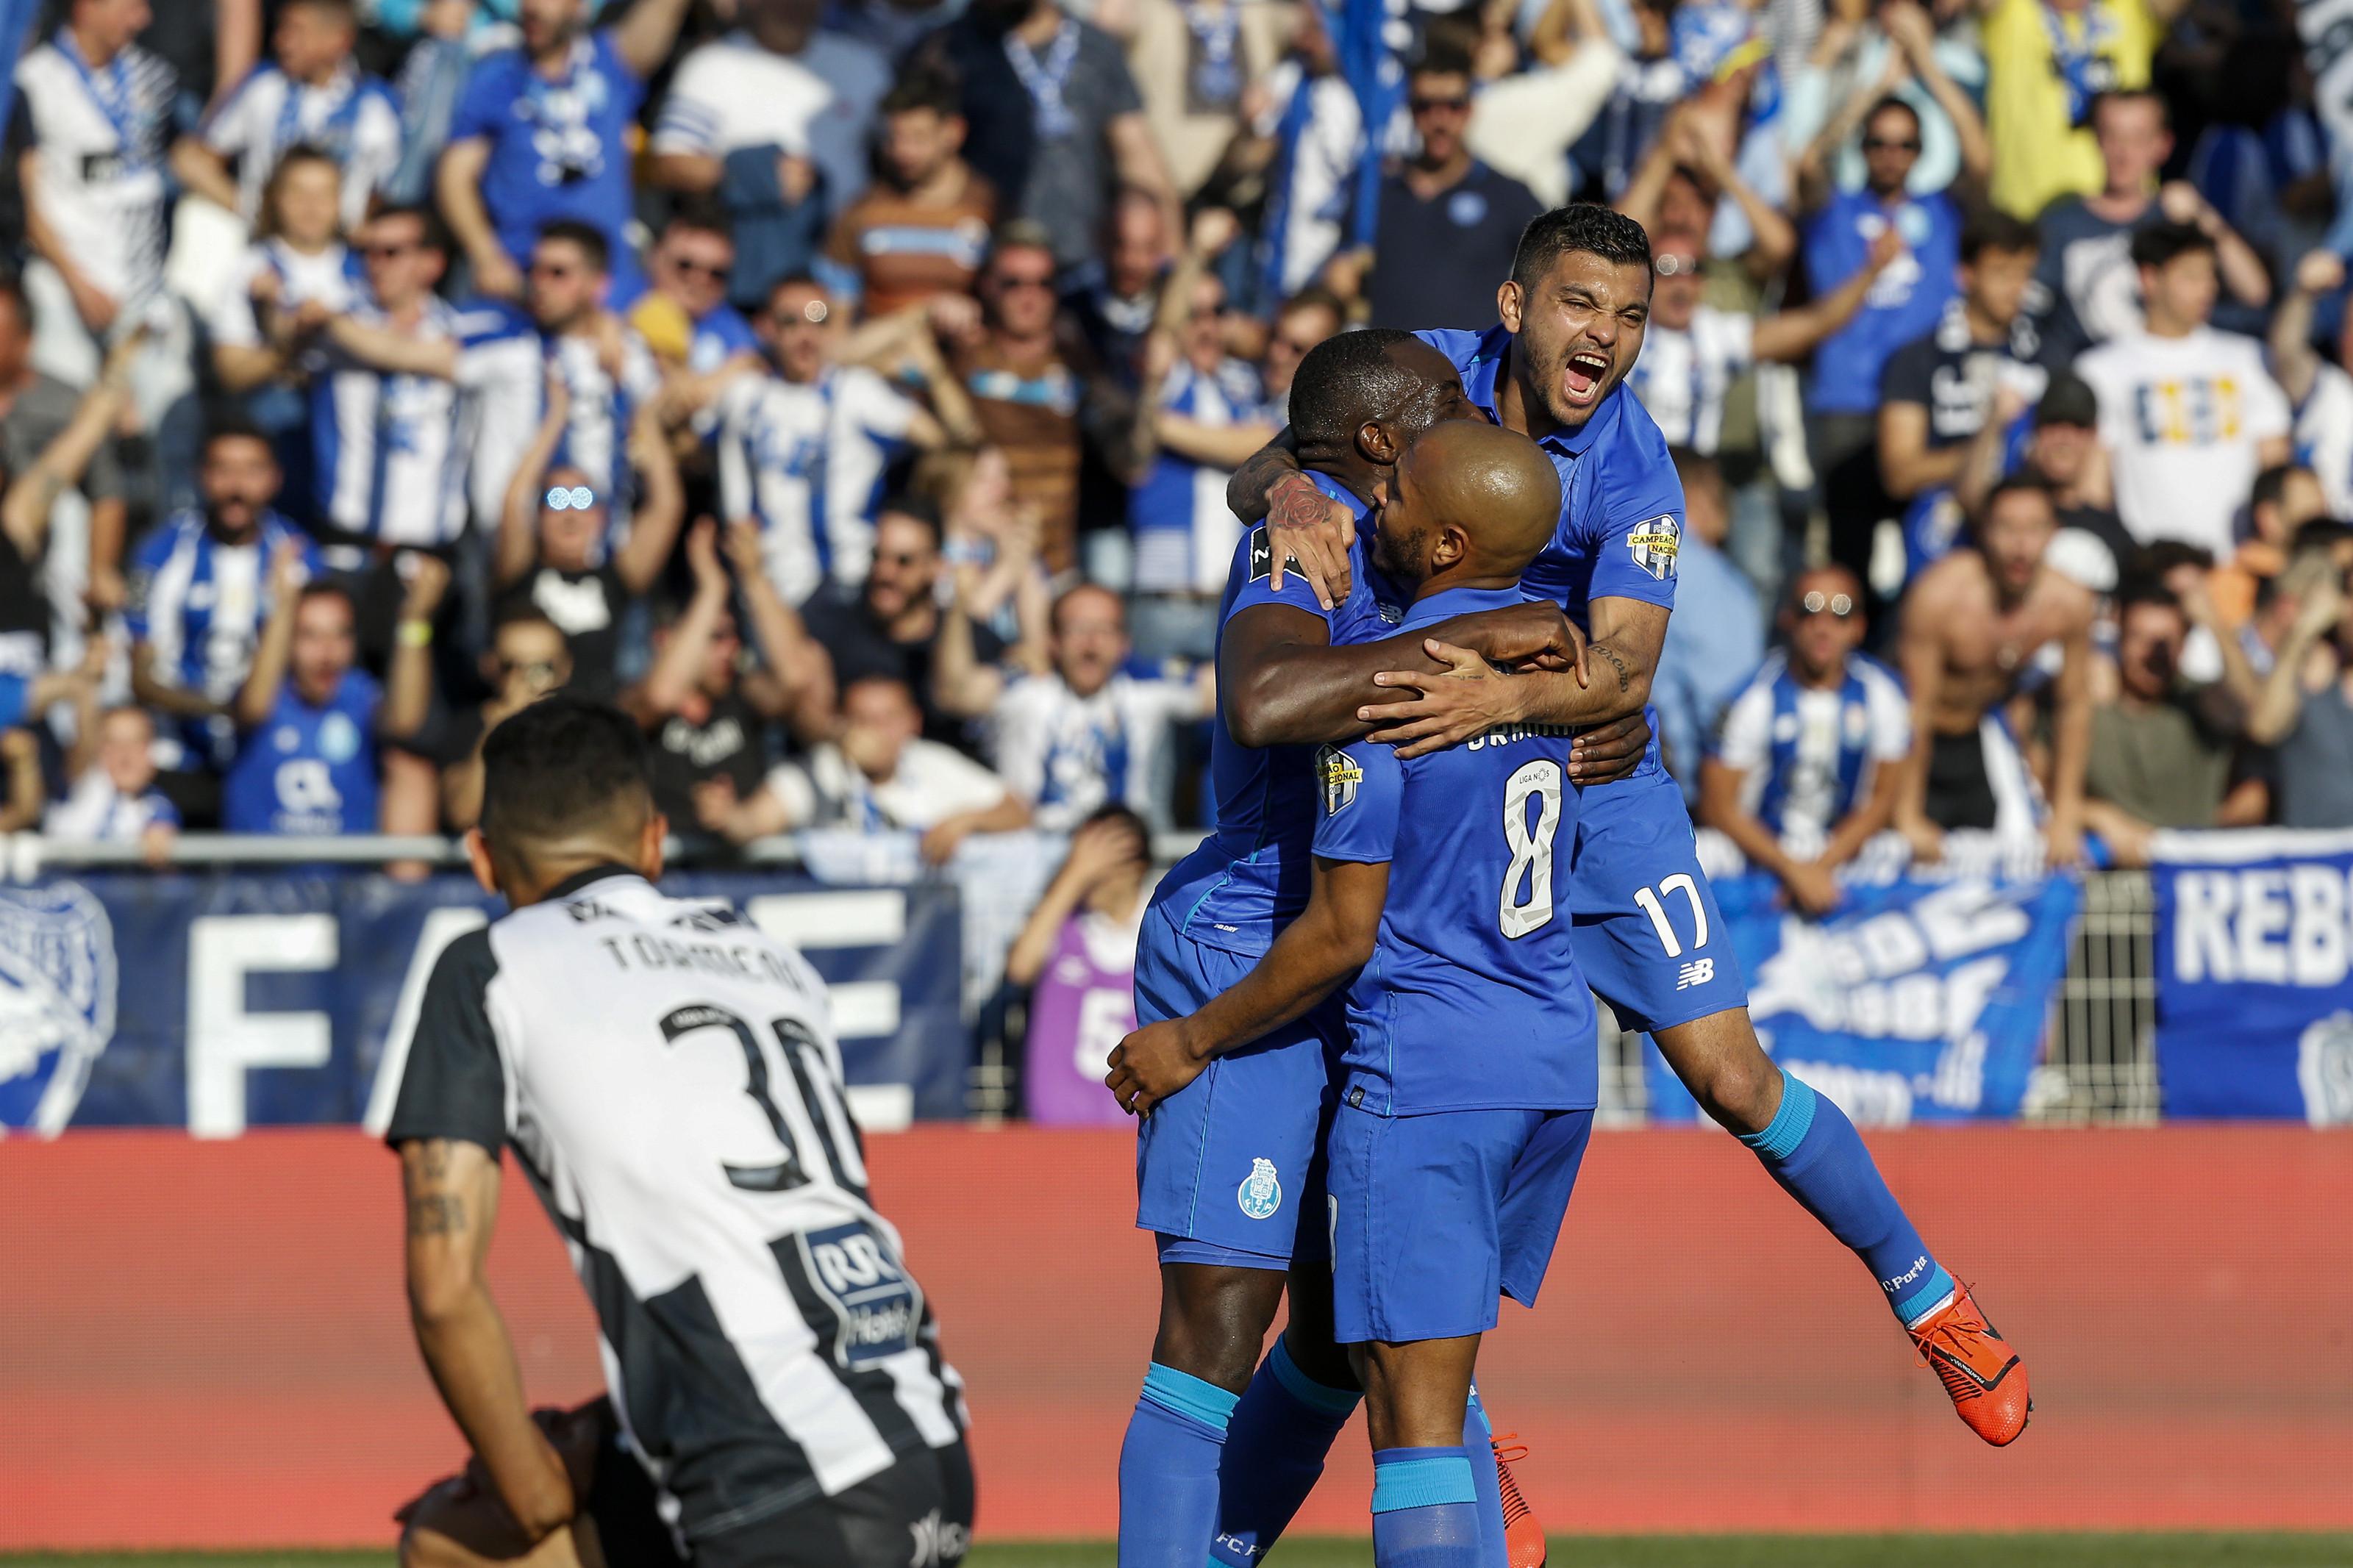 Dragão passa 'final' em Portimão e assume liderança provisória da I Liga